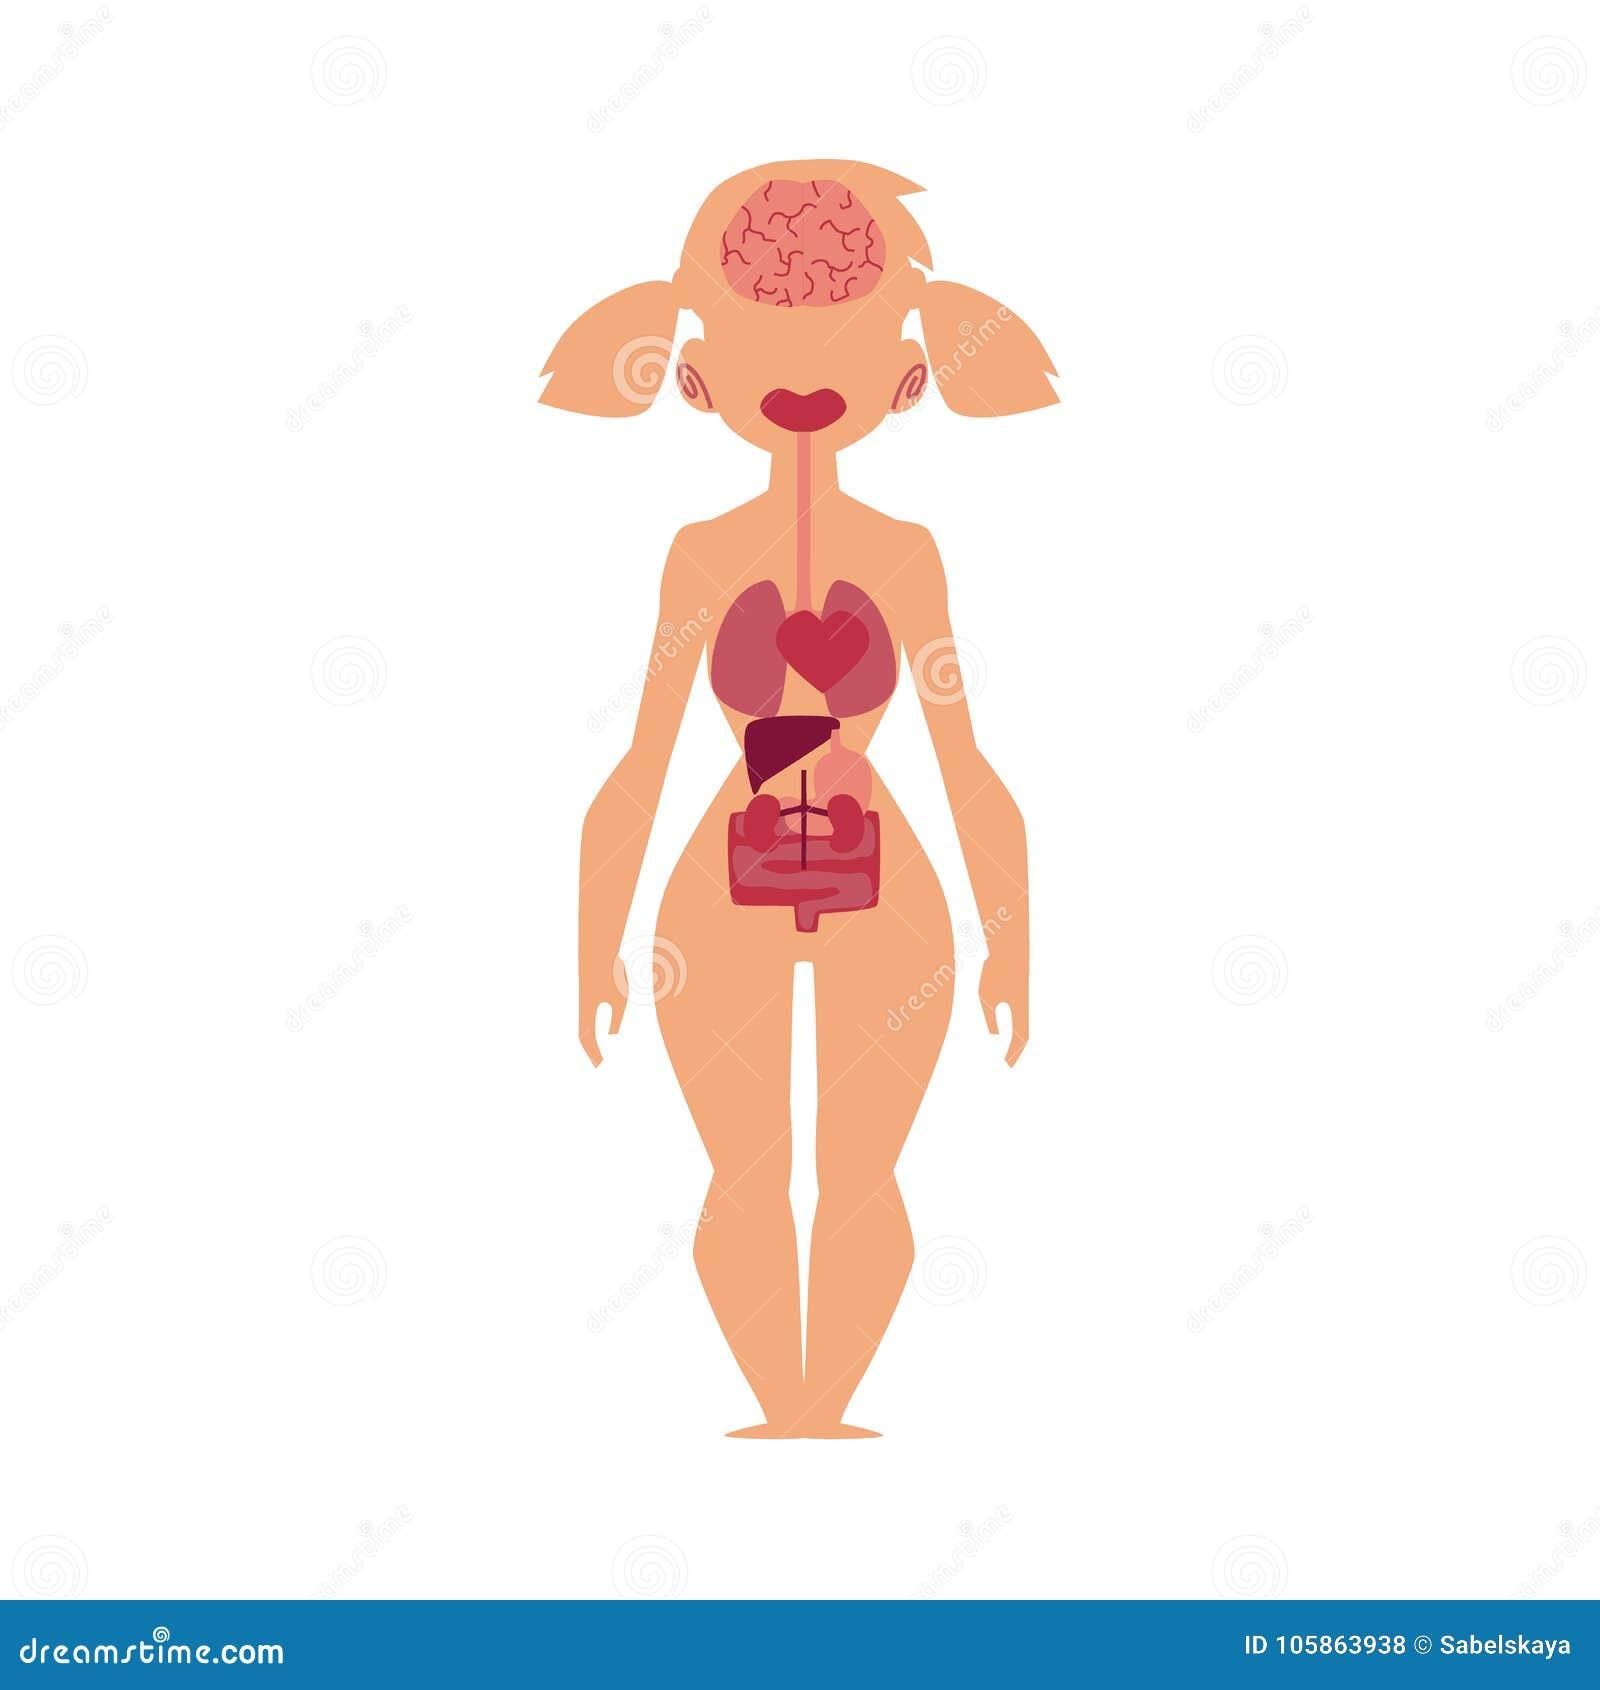 Anatomiediagramm, Menschliche Innere Organe, Weiblicher Körper ...